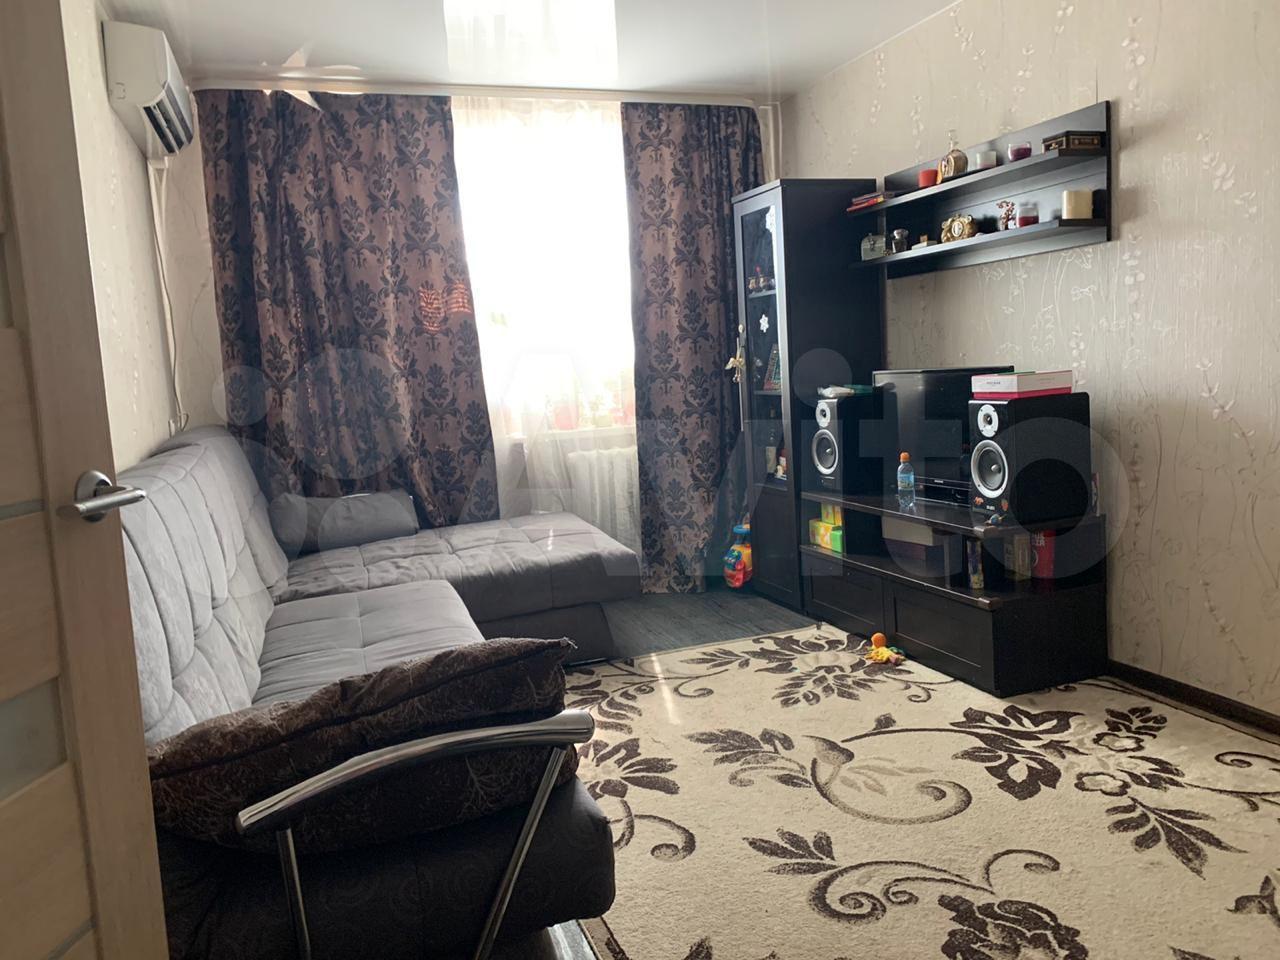 2-к квартира, 40.1 м², 3/5 эт.  89272529829 купить 2